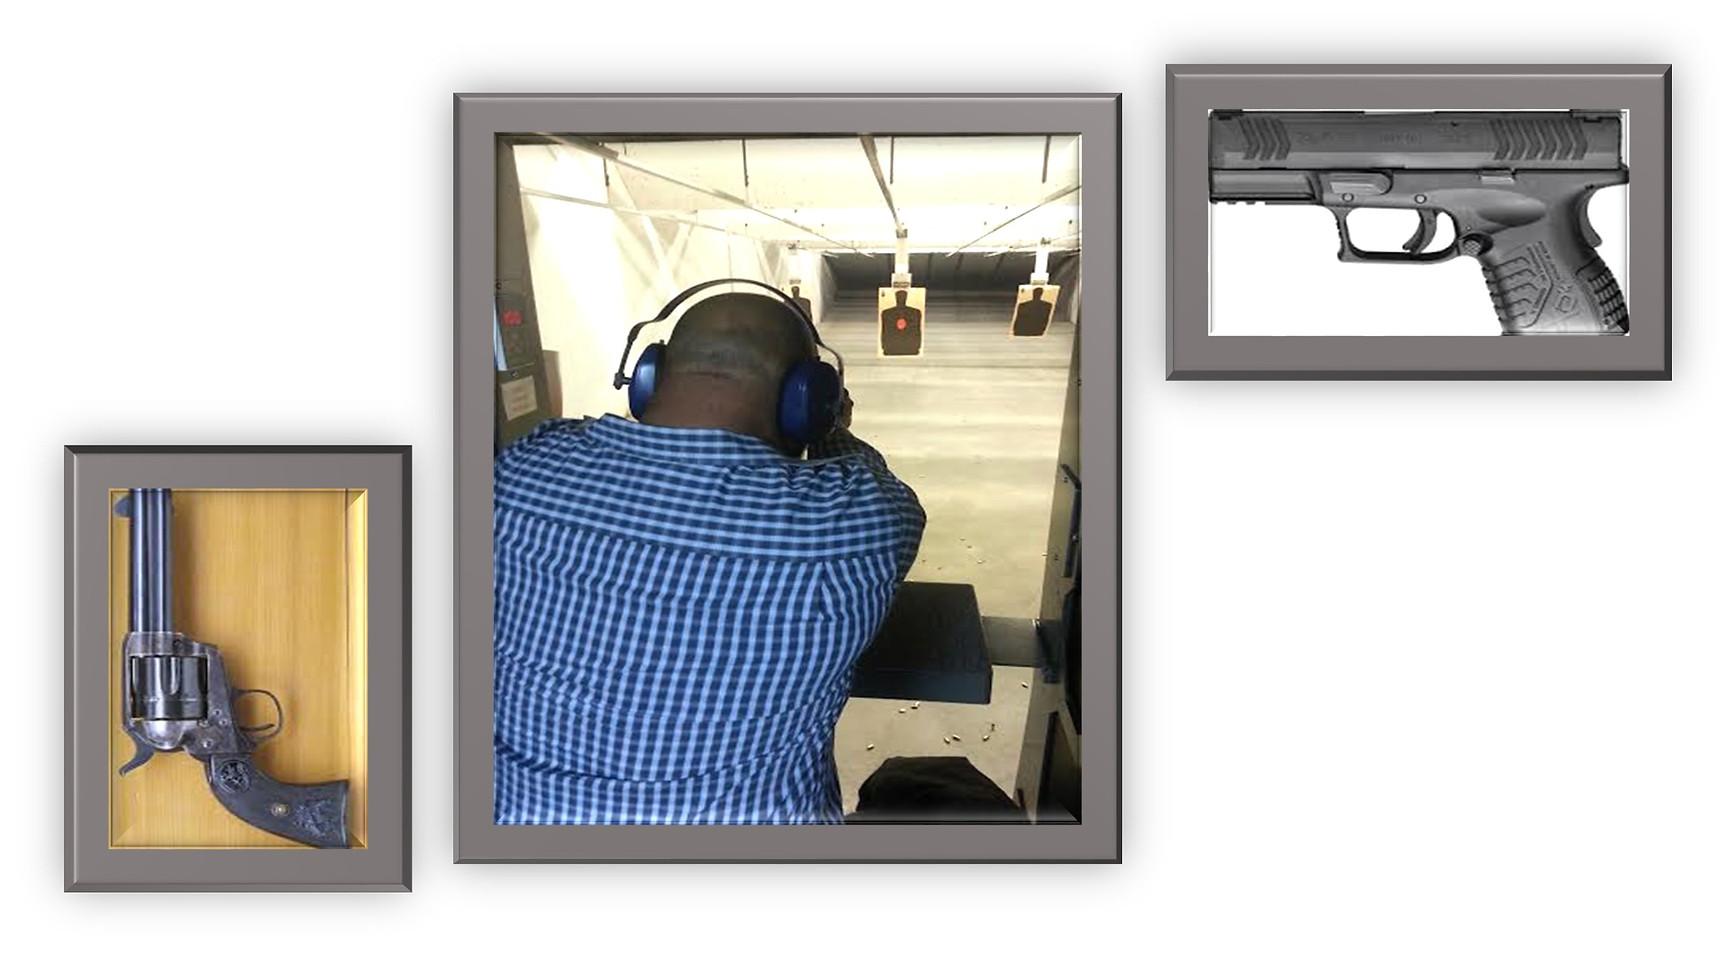 GUNS AND SHOOT IMAGE.jpg